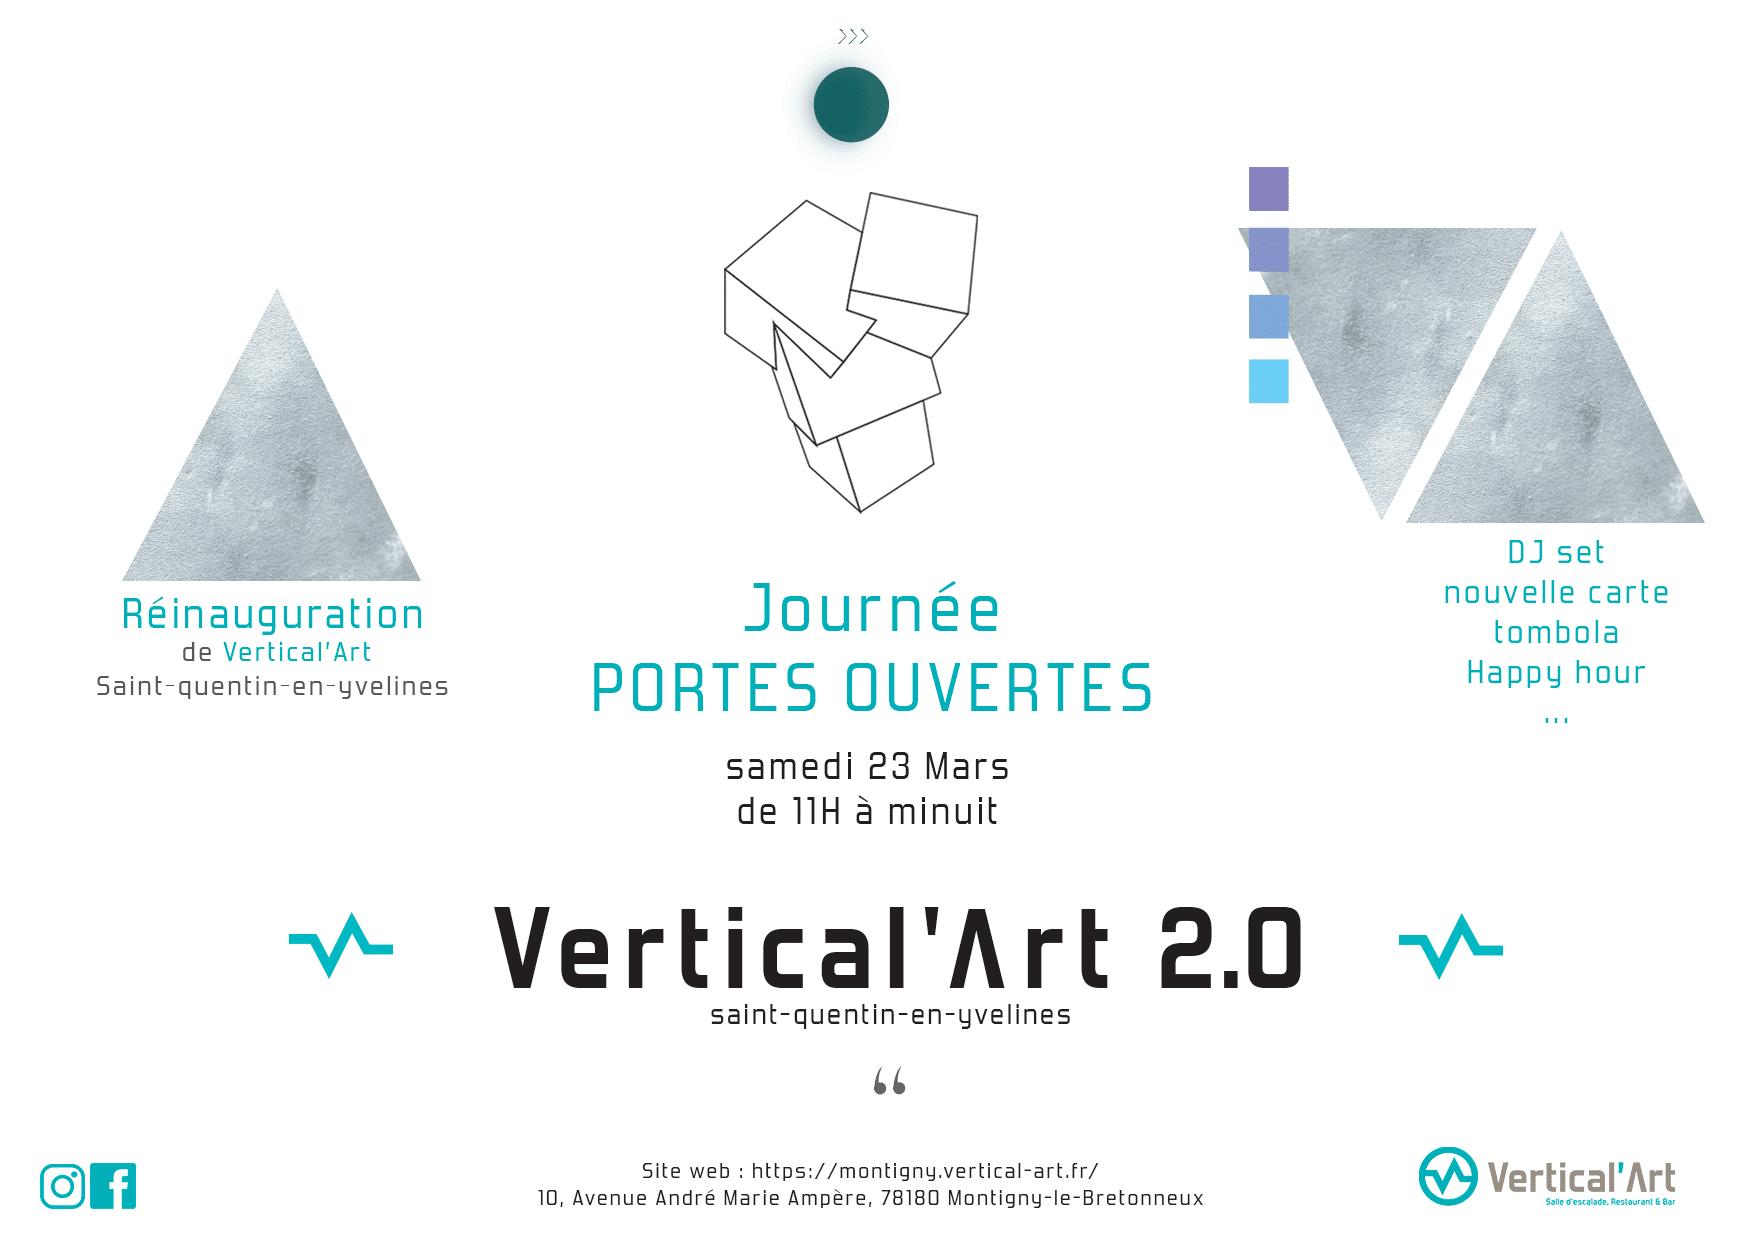 réouverture Vertical'Art - Saint-Quentin-en-yvelines- salle d'escalade restaurant et bar- entrée gratuite - escalade de bloc